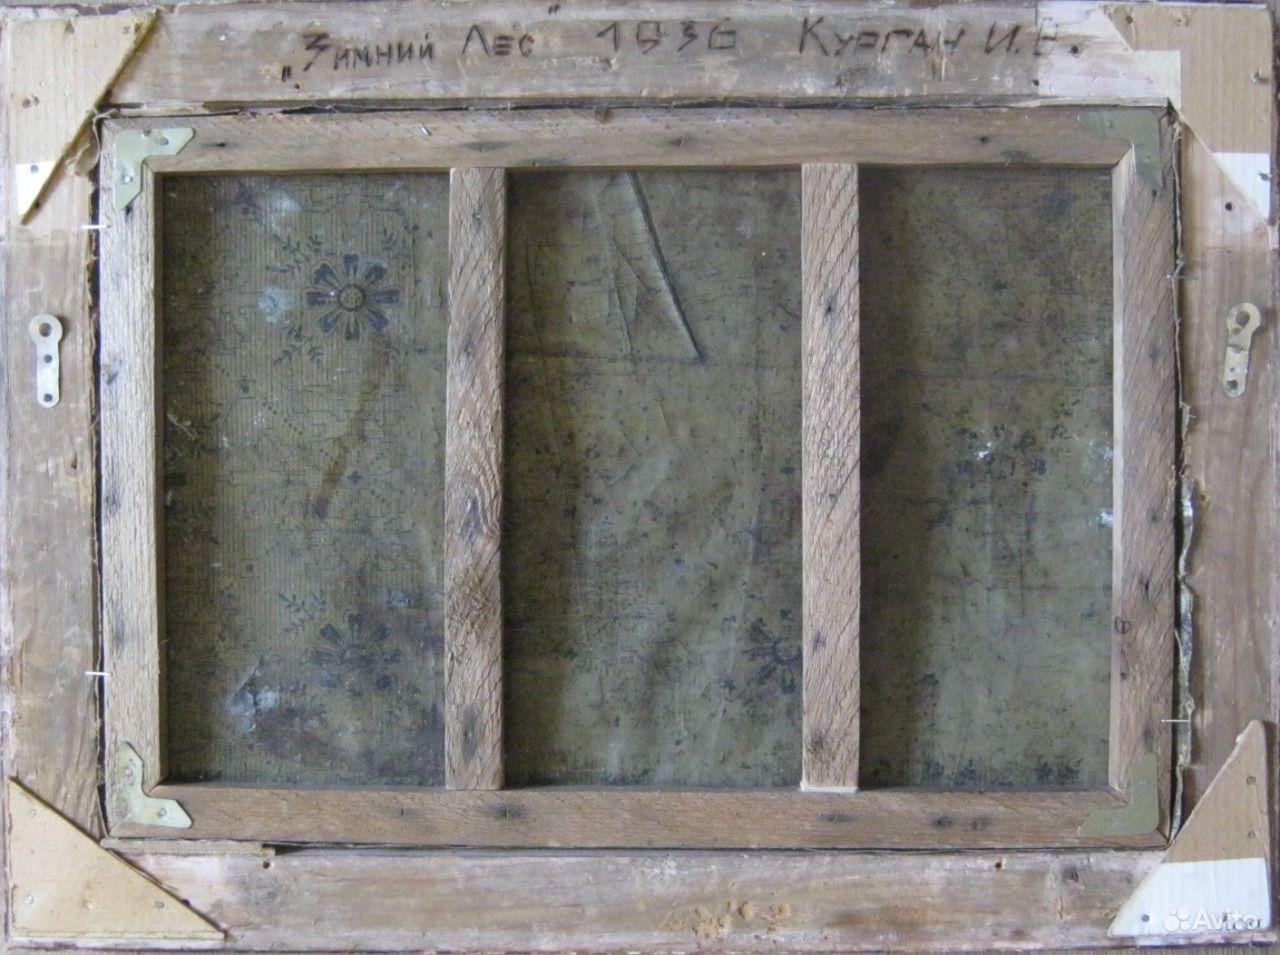 изготовление коробок на заказ москва частные объявления